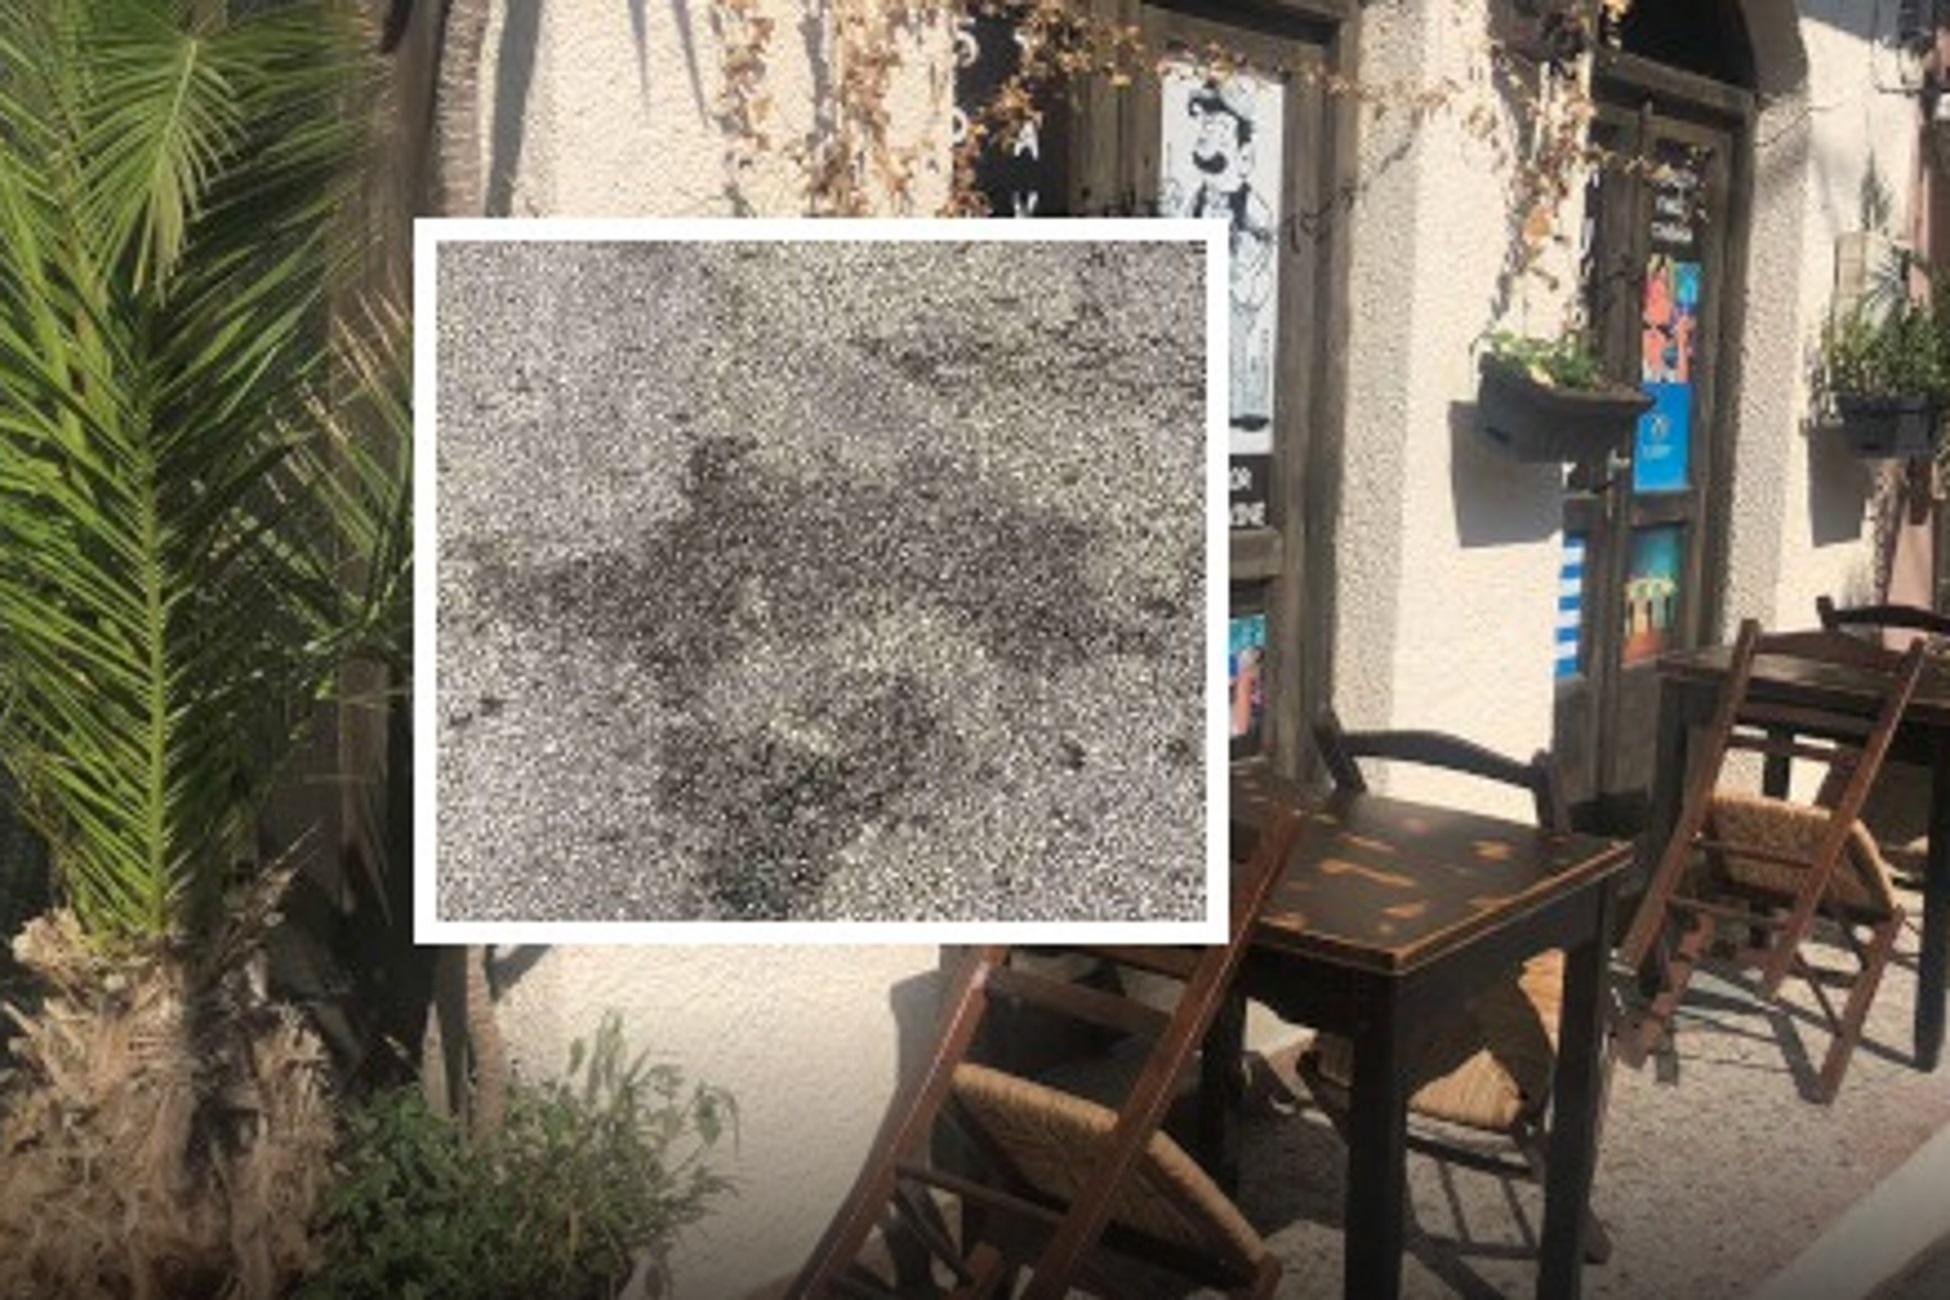 Ηράκλειο: Οι πρώτες εικόνες από τη «ματωμένη» ταβέρνα – Πυροβόλησαν τους γονείς μπροστά στα παιδιά τους